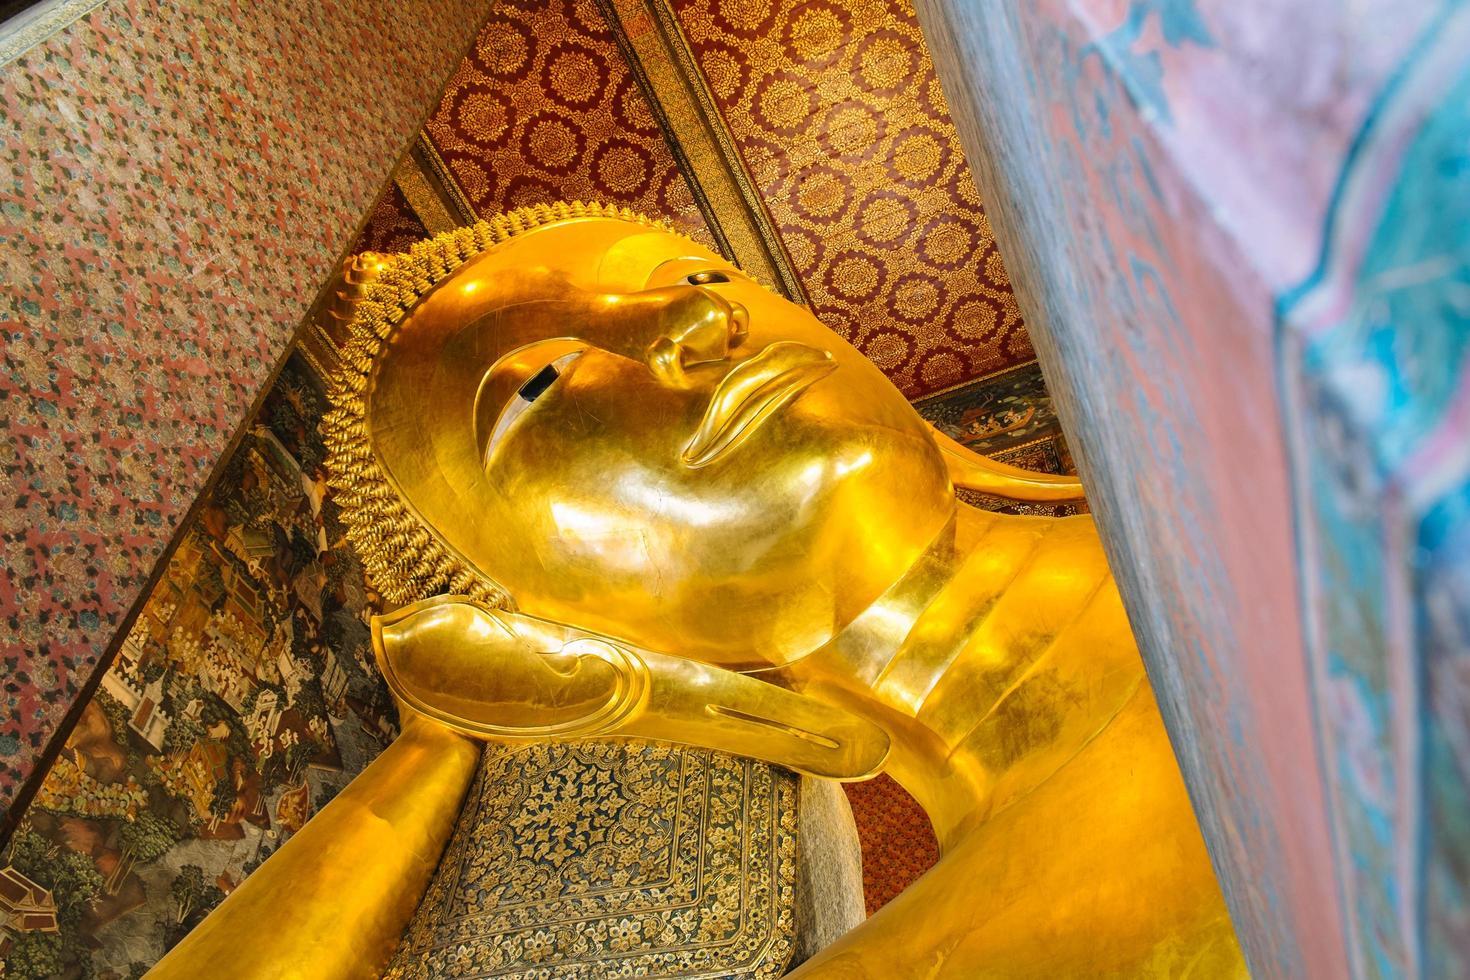 estatua de Buda reclinado dorado gigante foto